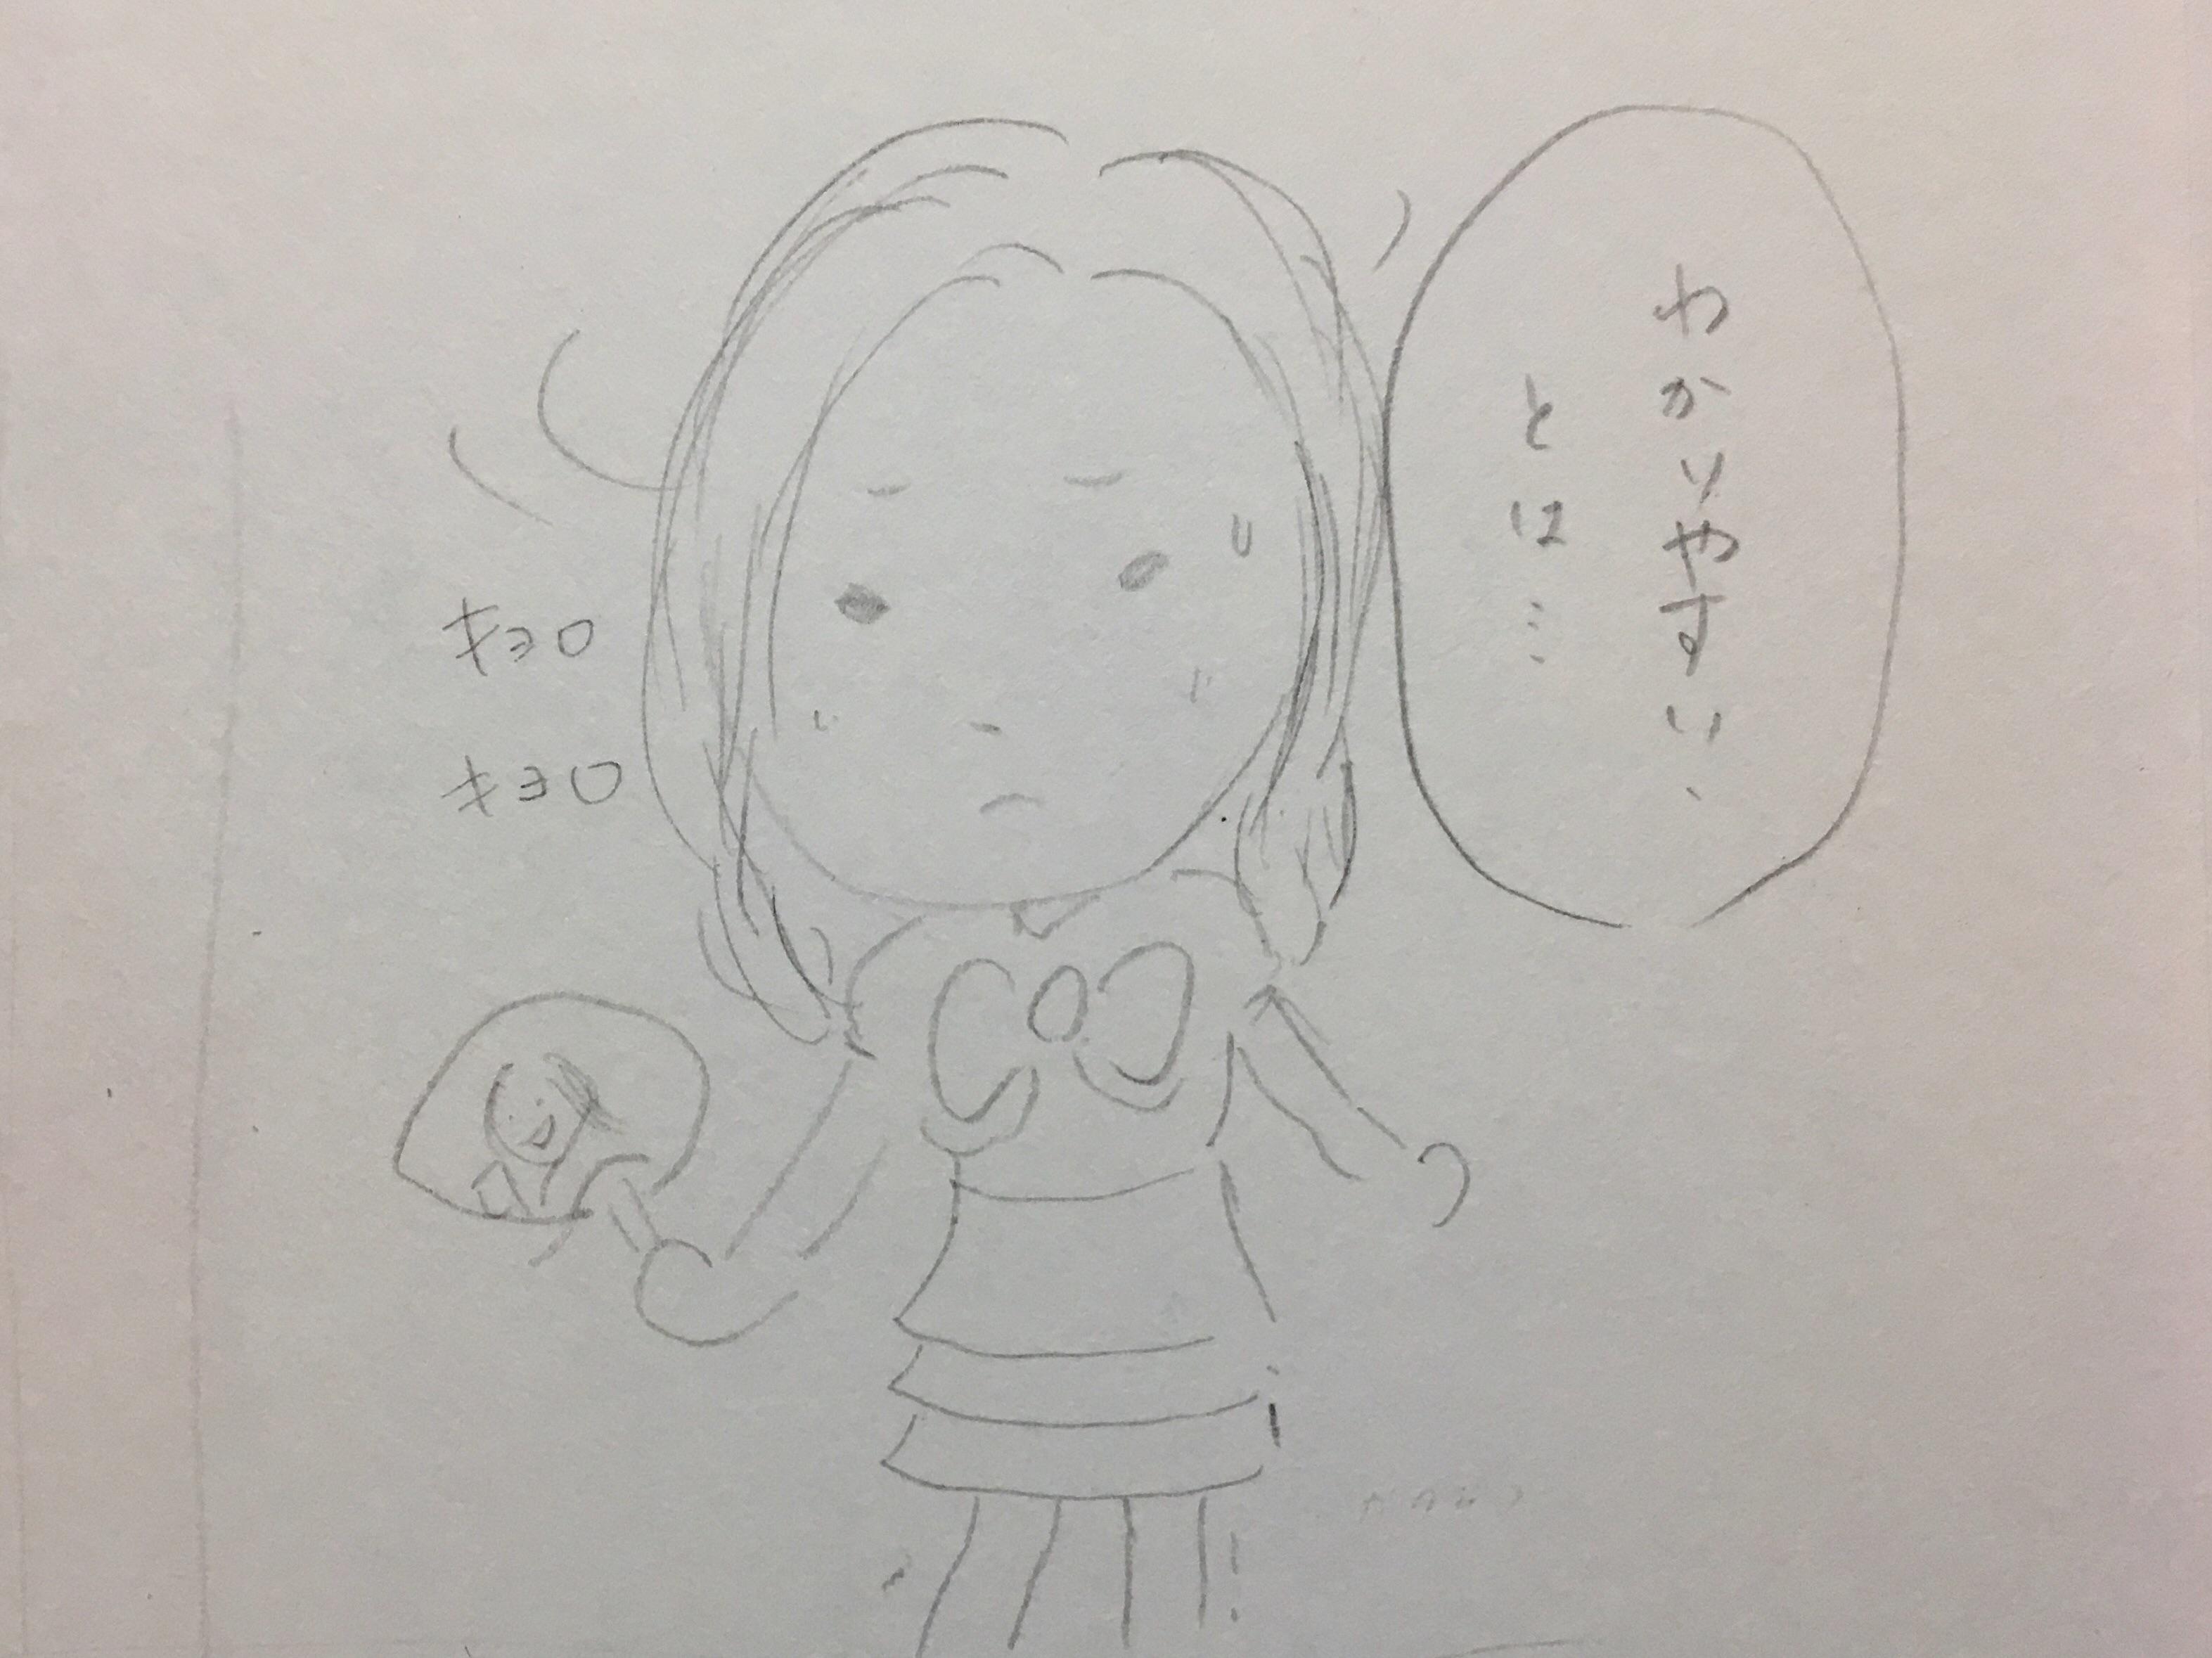 f:id:kaminashiko:20180625001313j:plain